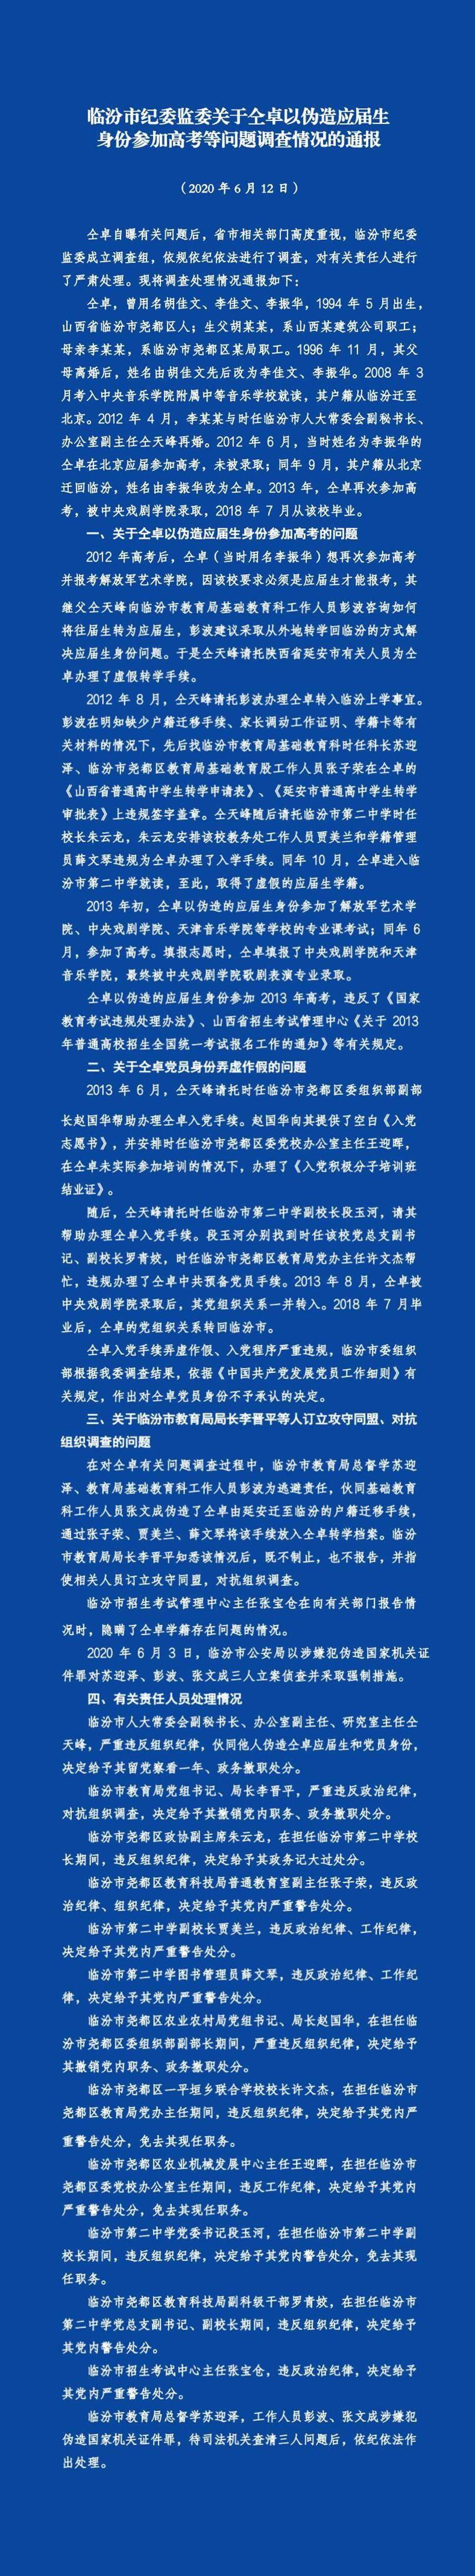 山西省教育厅:仝卓2013年高考成绩无效   其母亲身份曝光